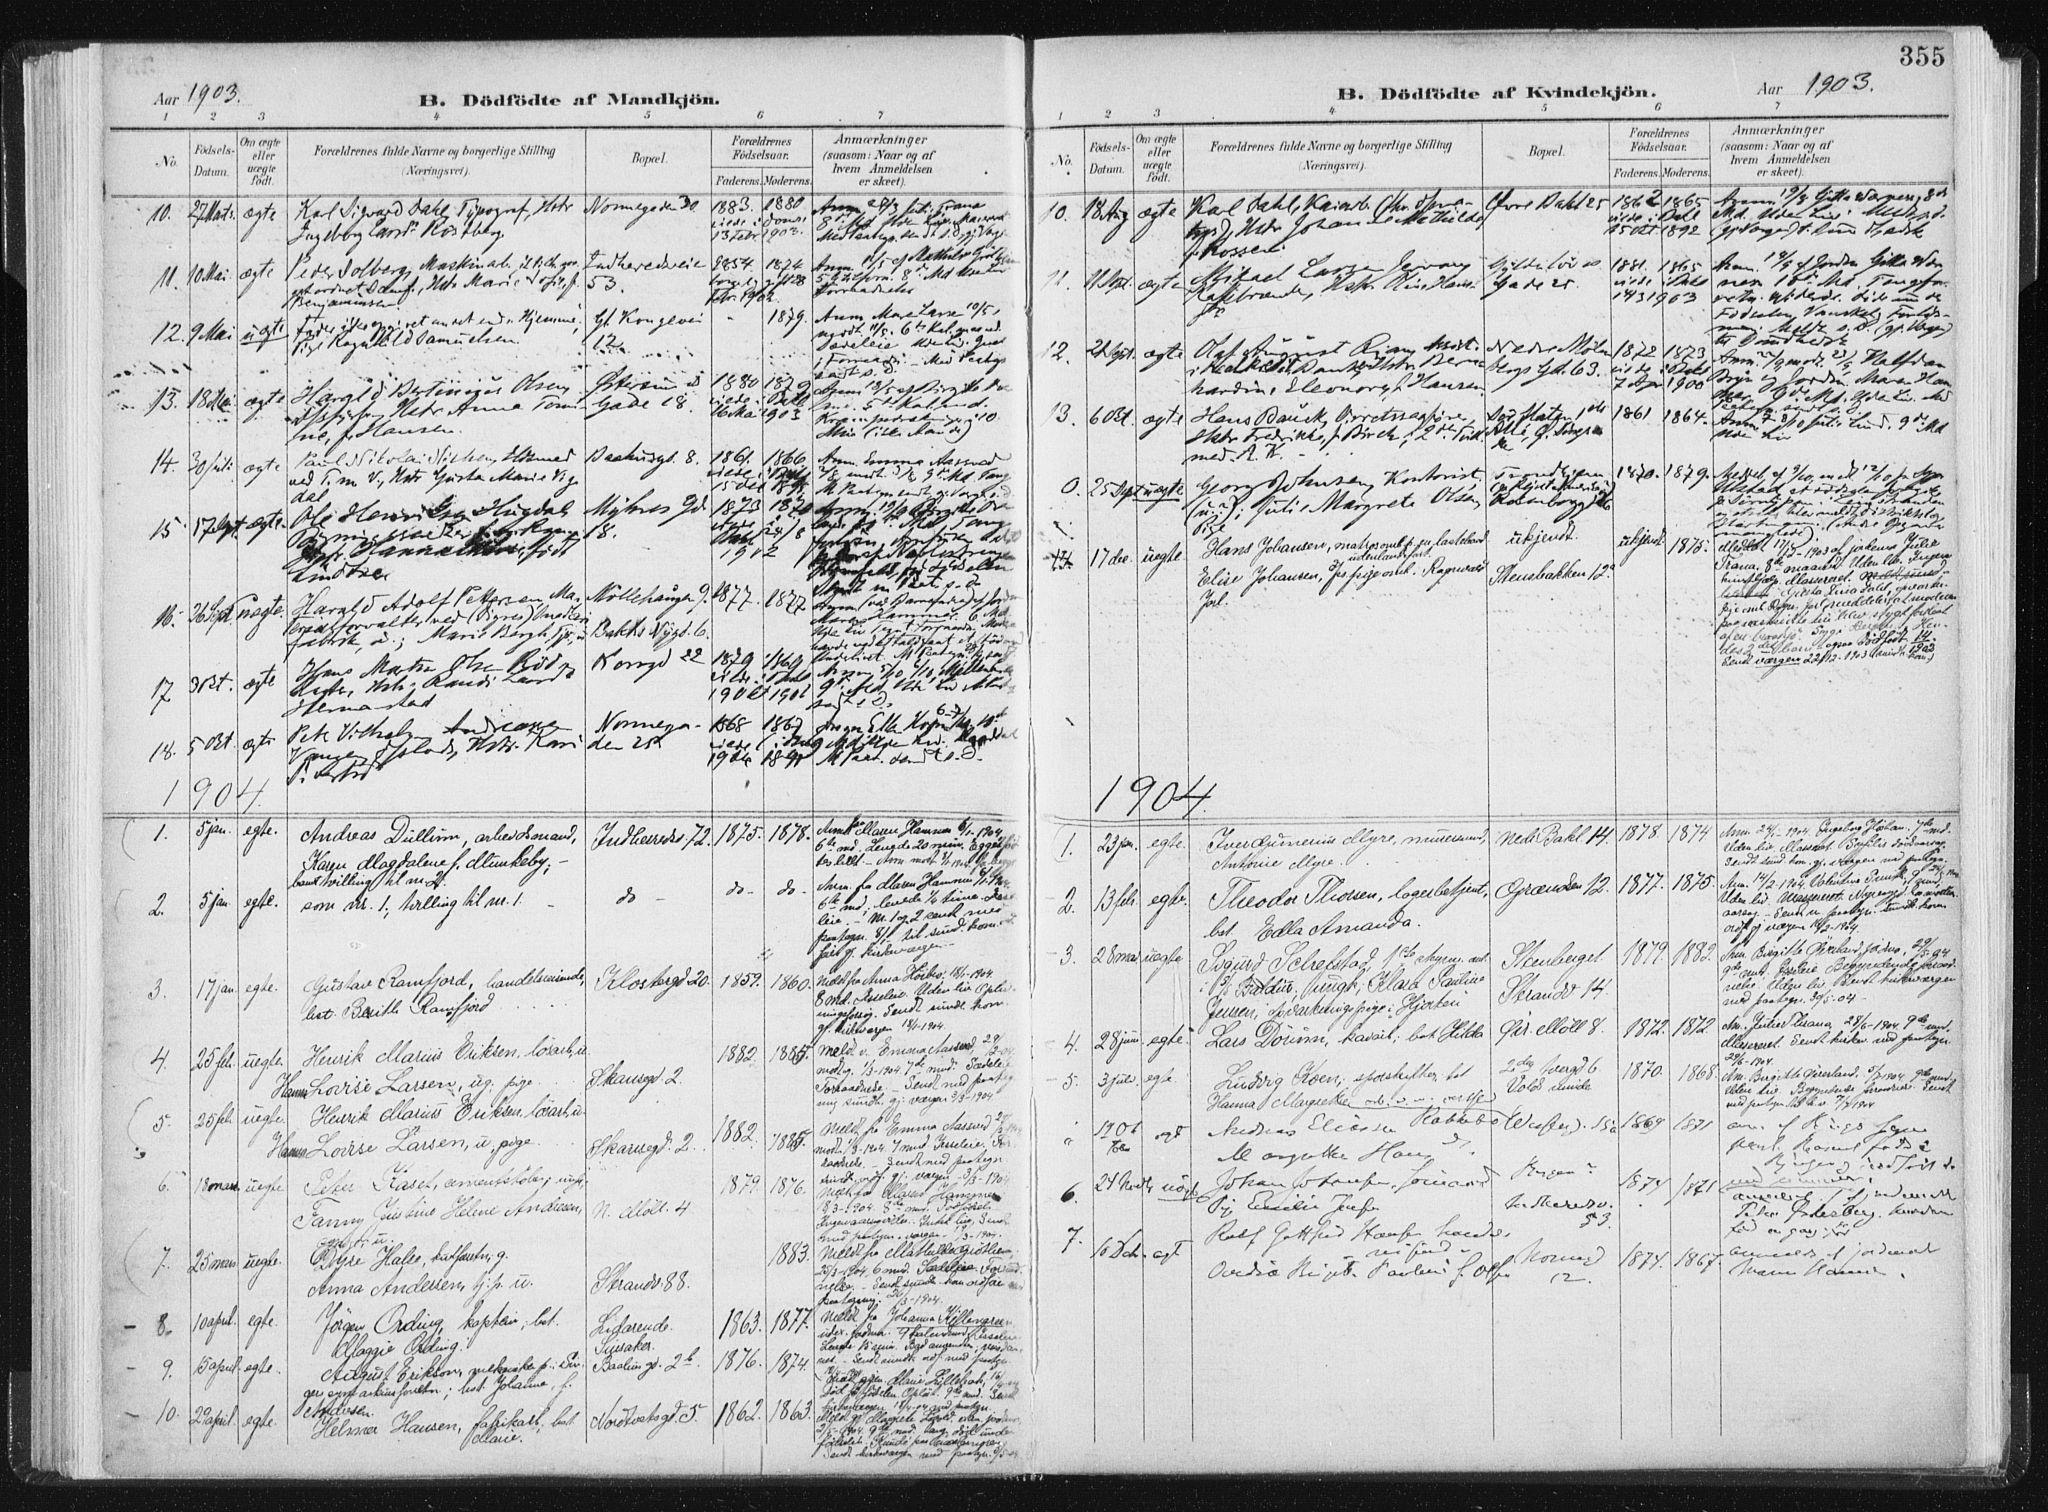 SAT, Ministerialprotokoller, klokkerbøker og fødselsregistre - Sør-Trøndelag, 604/L0200: Ministerialbok nr. 604A20II, 1901-1908, s. 355